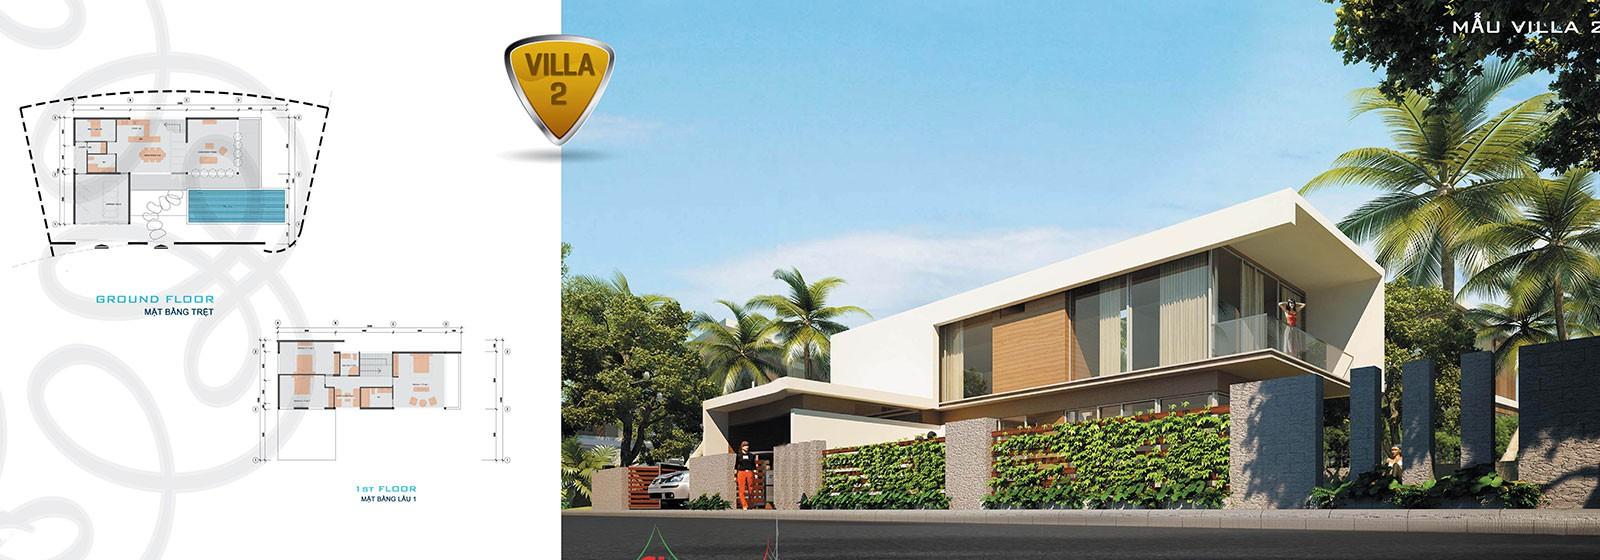 Lãng mạn & tiện nghi bên trong Khu dự án Sunny Villa Bình Thuận